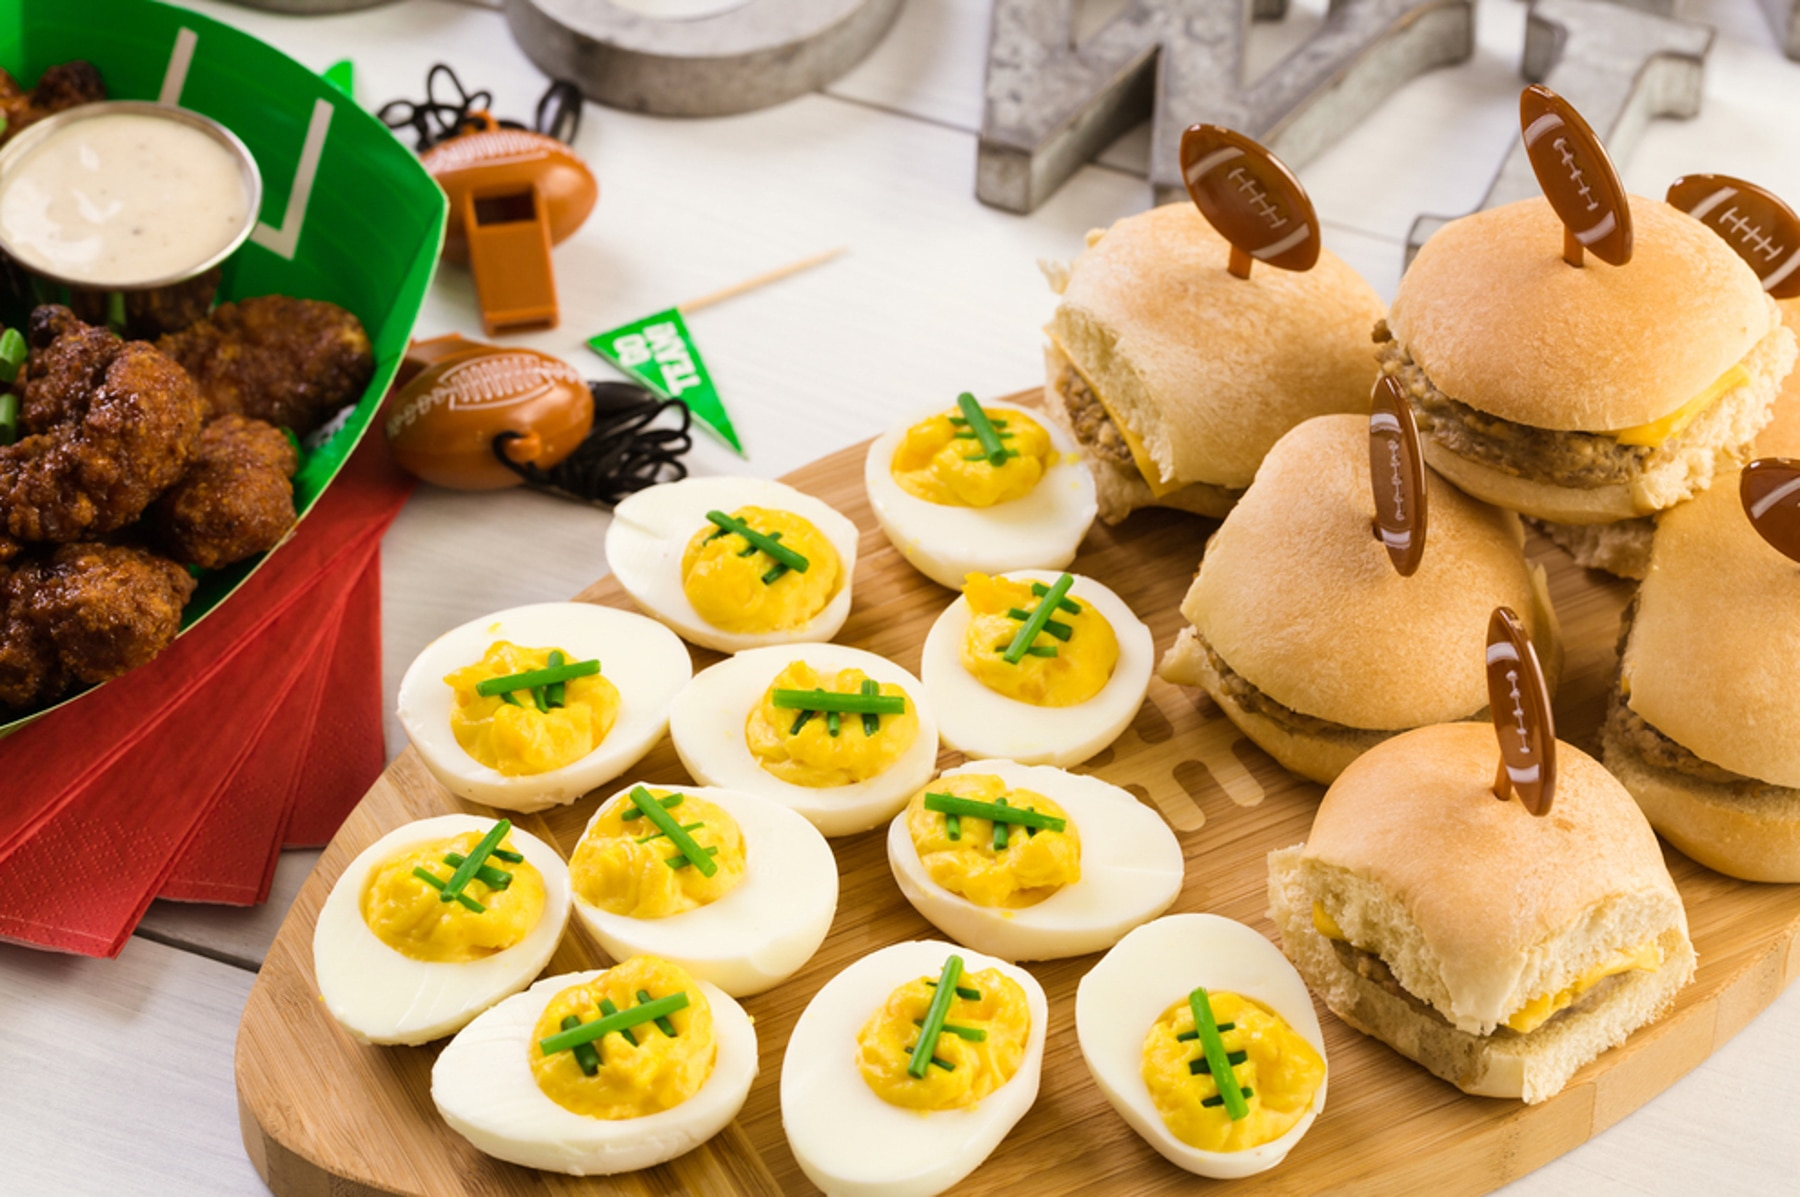 خوراکی هایی که شبیه فوتبال آمریکایی درست شده اند. (عکس از شاتراستاک)